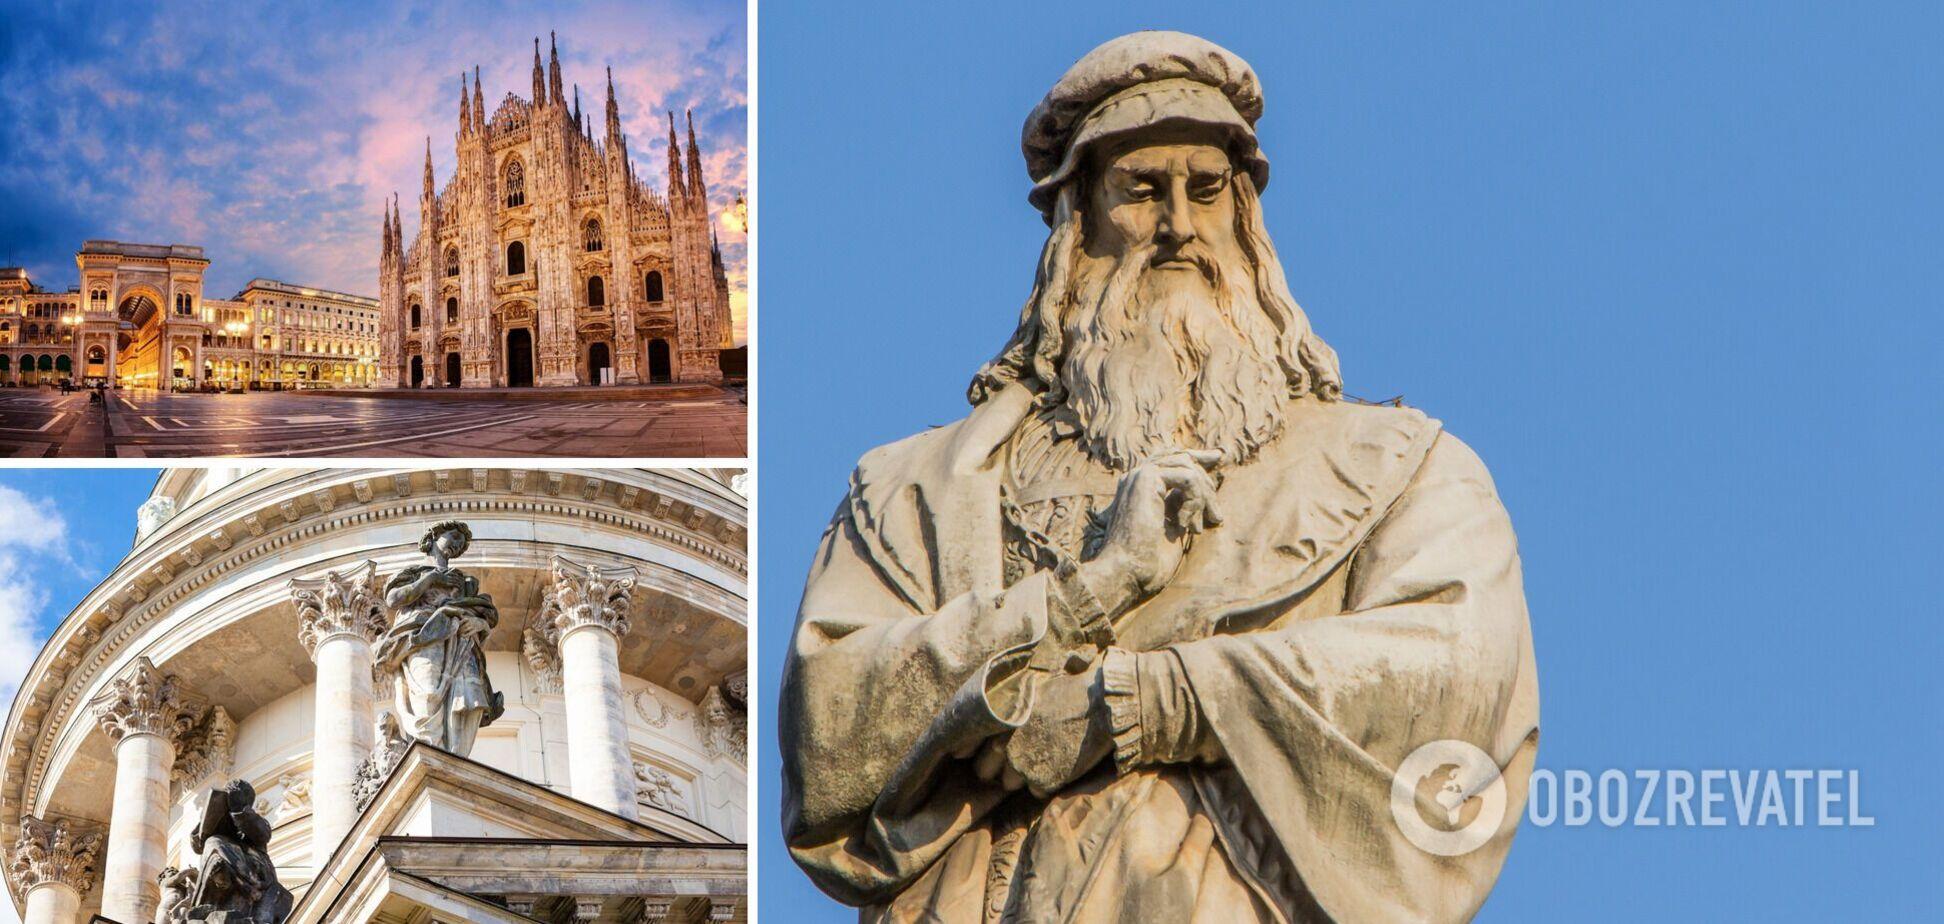 Милан: если не шопинг, то что? Советы туристам, как интересно провести уикенд в Италии